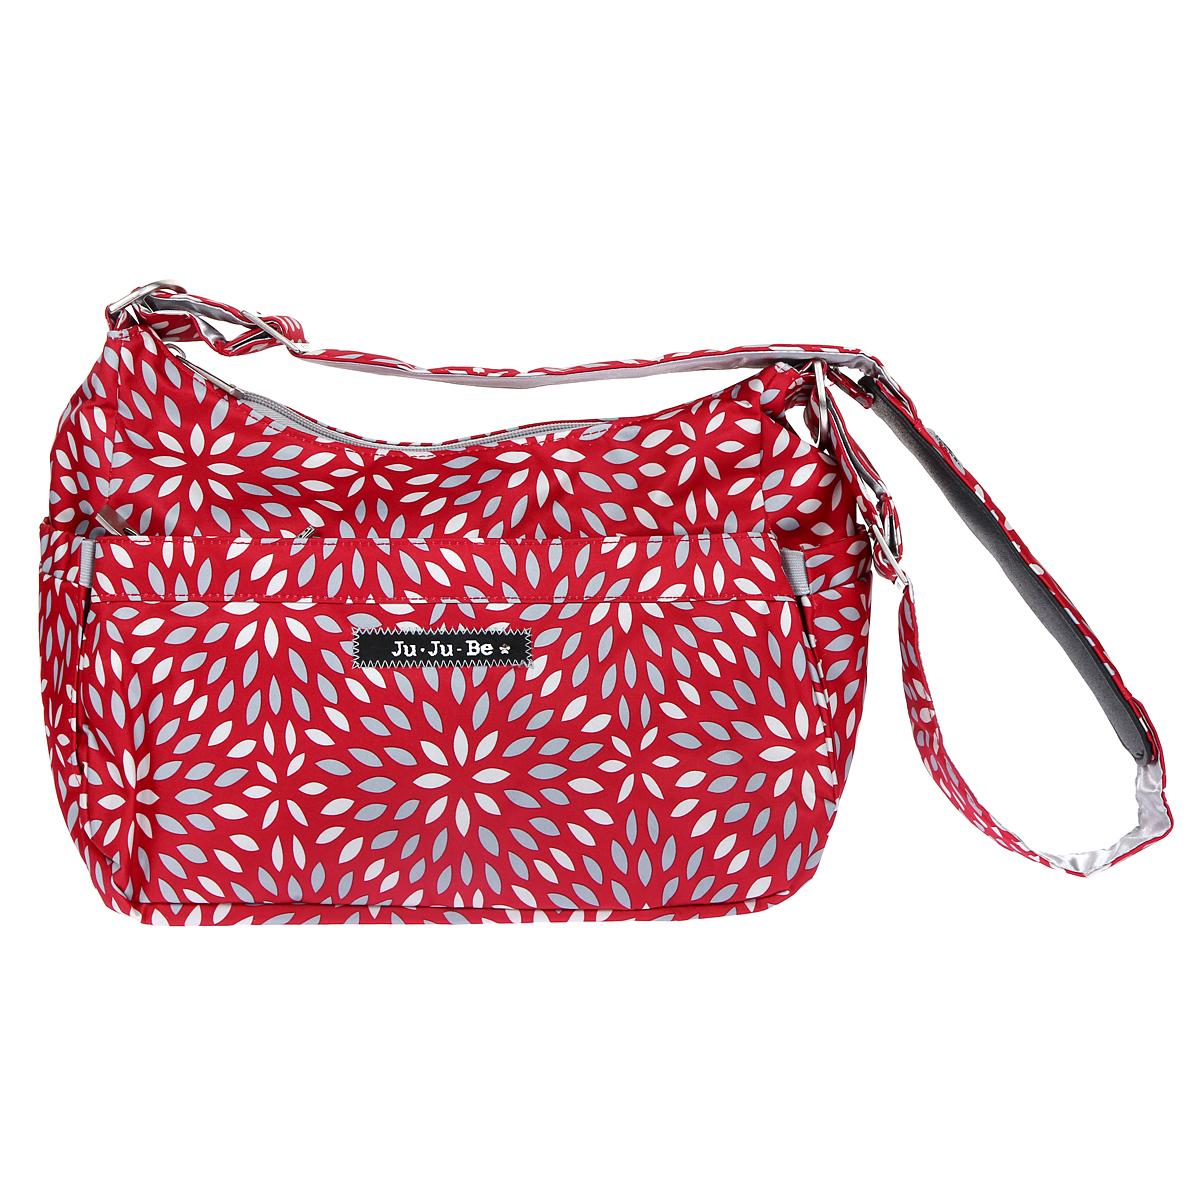 """Сумка для мамы Ju-Ju-Be """"HoboBe Scarlet Petals"""", цвет: красный, серебристый - 1"""